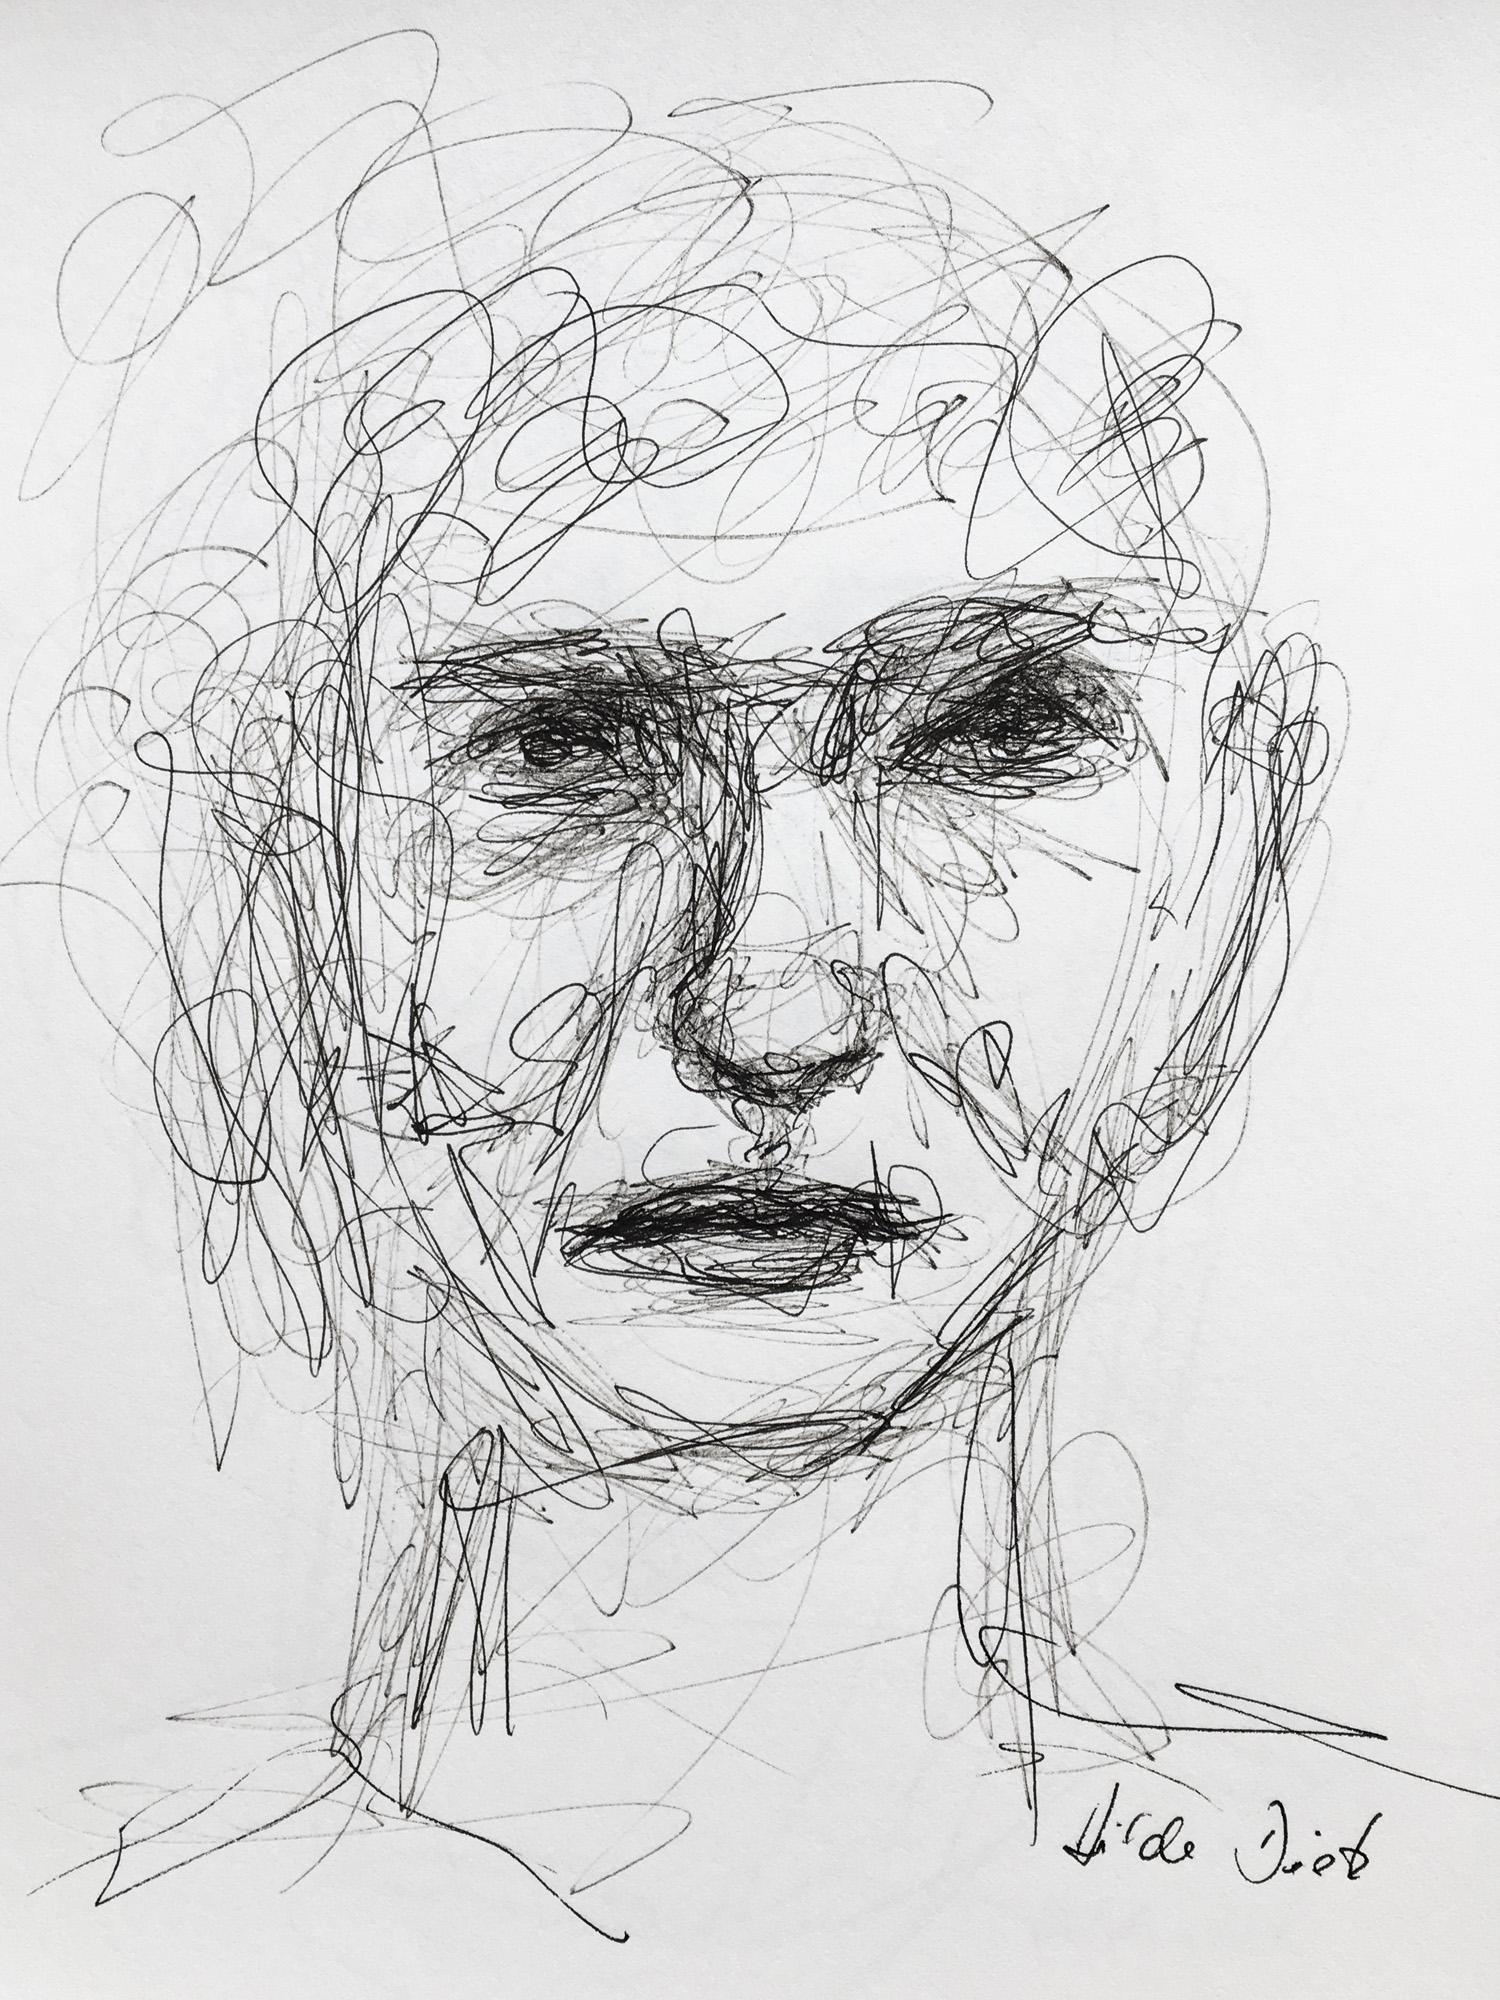 Hilde_Dietz_Menschenbilder_Zeichnung_Skizzen_2_03.jpg